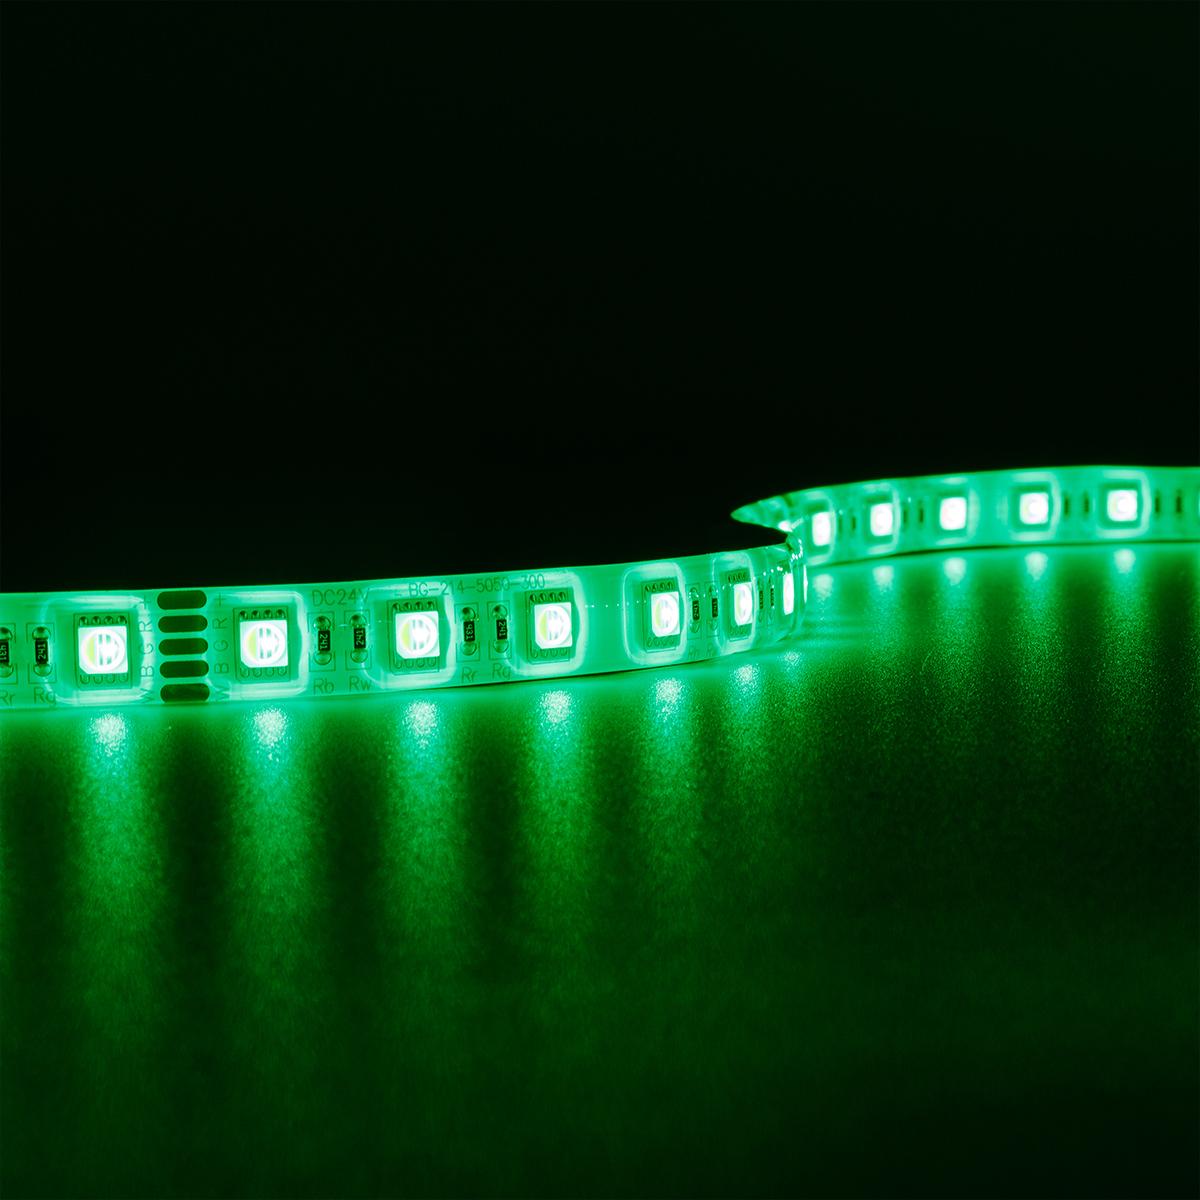 Strip RGBW 24V LED Streifen 7,5M 15W/m 60LED/m 12mm IP65 Farbwechsel RGB+3000K